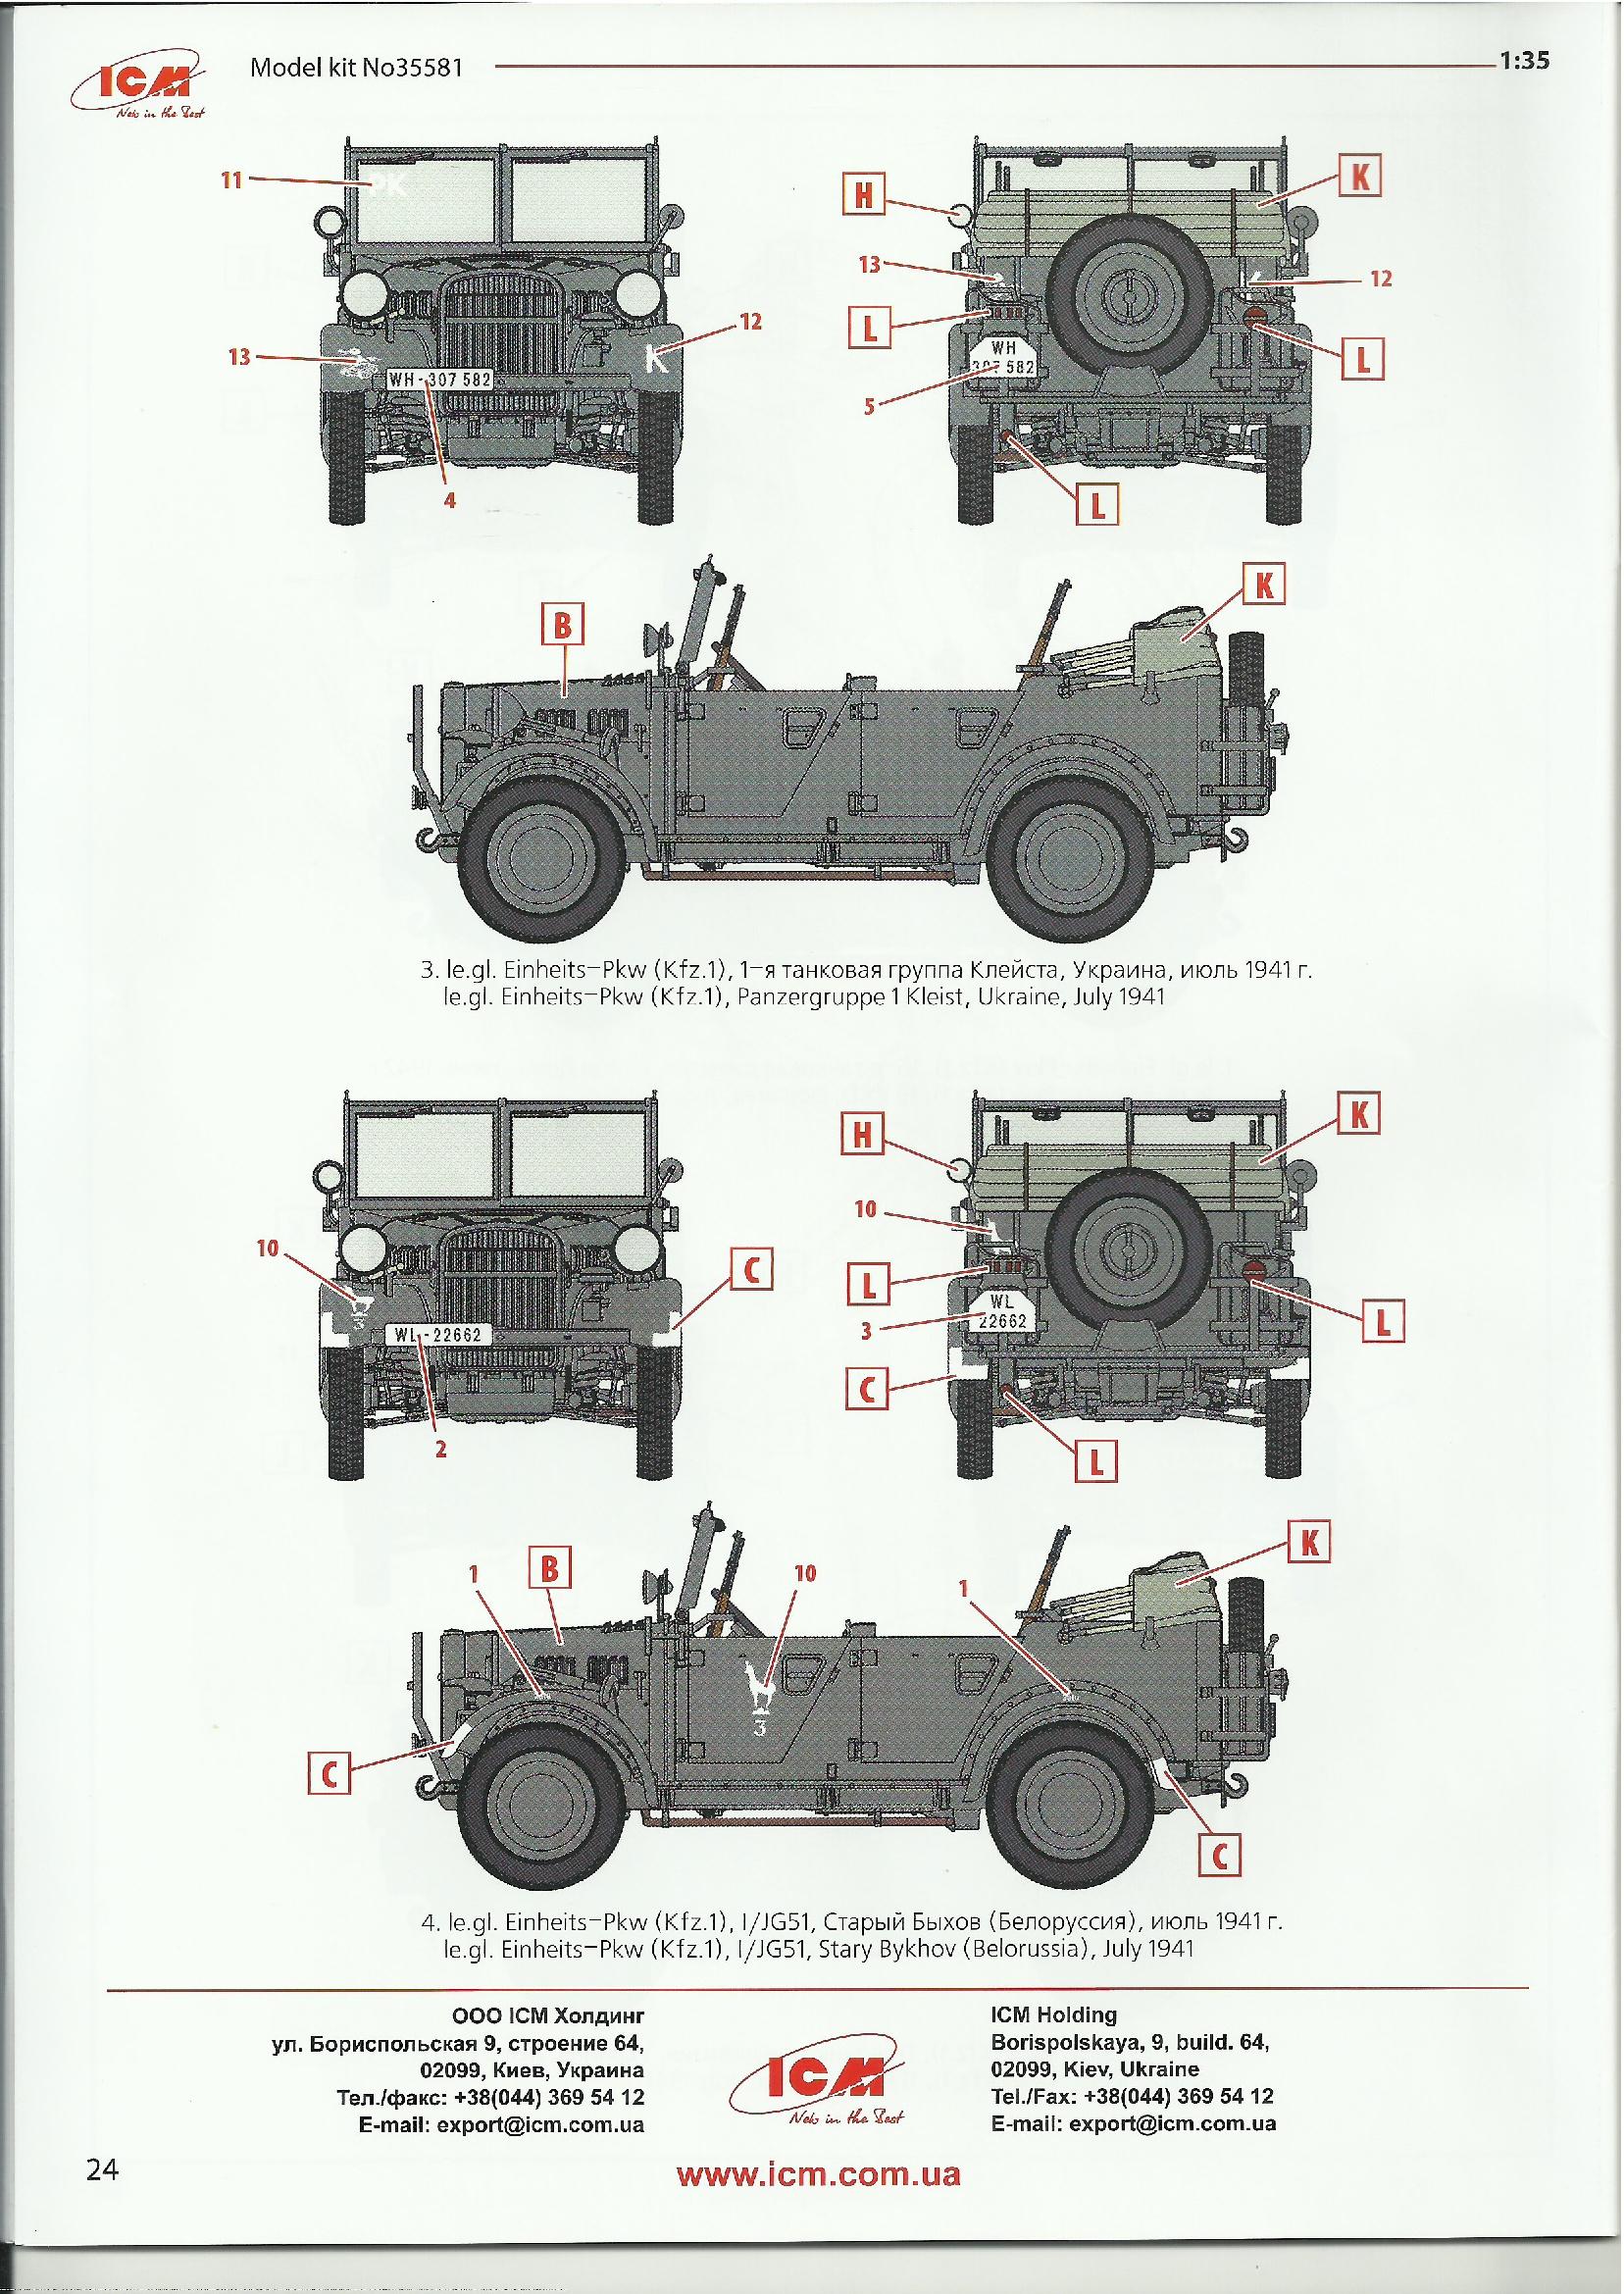 2019-09-04_Bauplan-ICM-Kfz_-1-024 Wehrmacht Off-Road Cars in 1:35 von ICM # DS3503